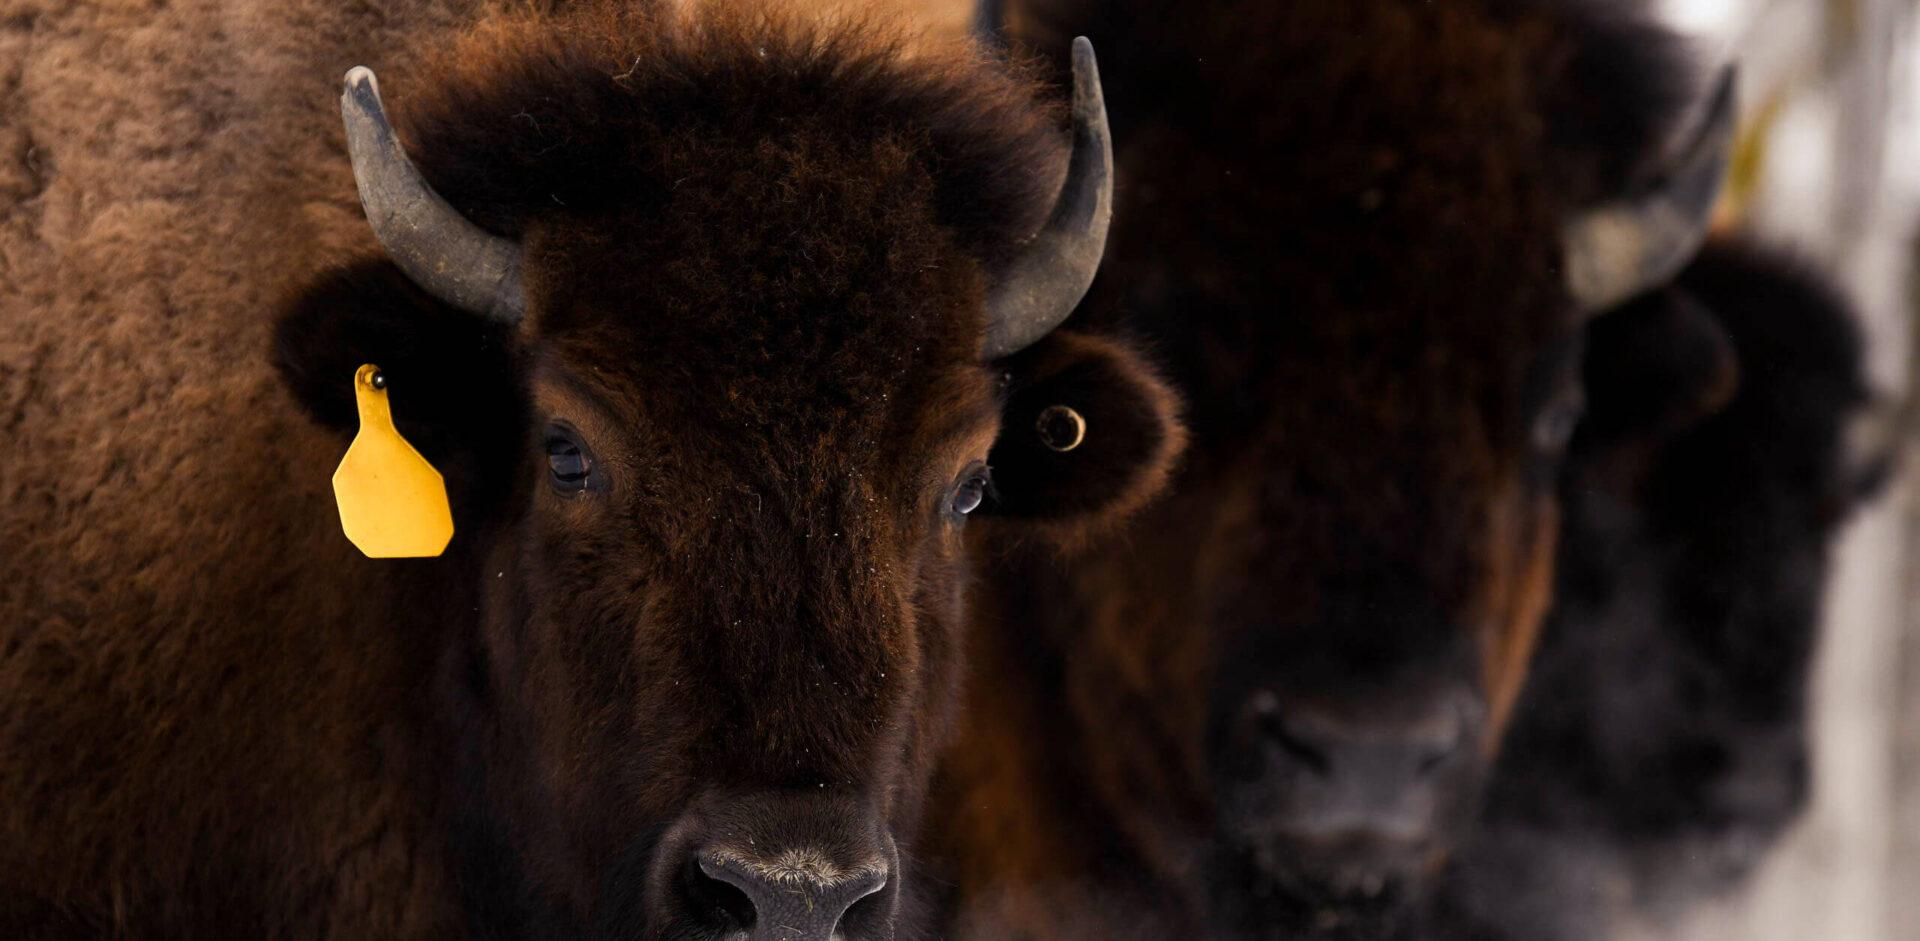 Le Rieur Sanglier - Bisons